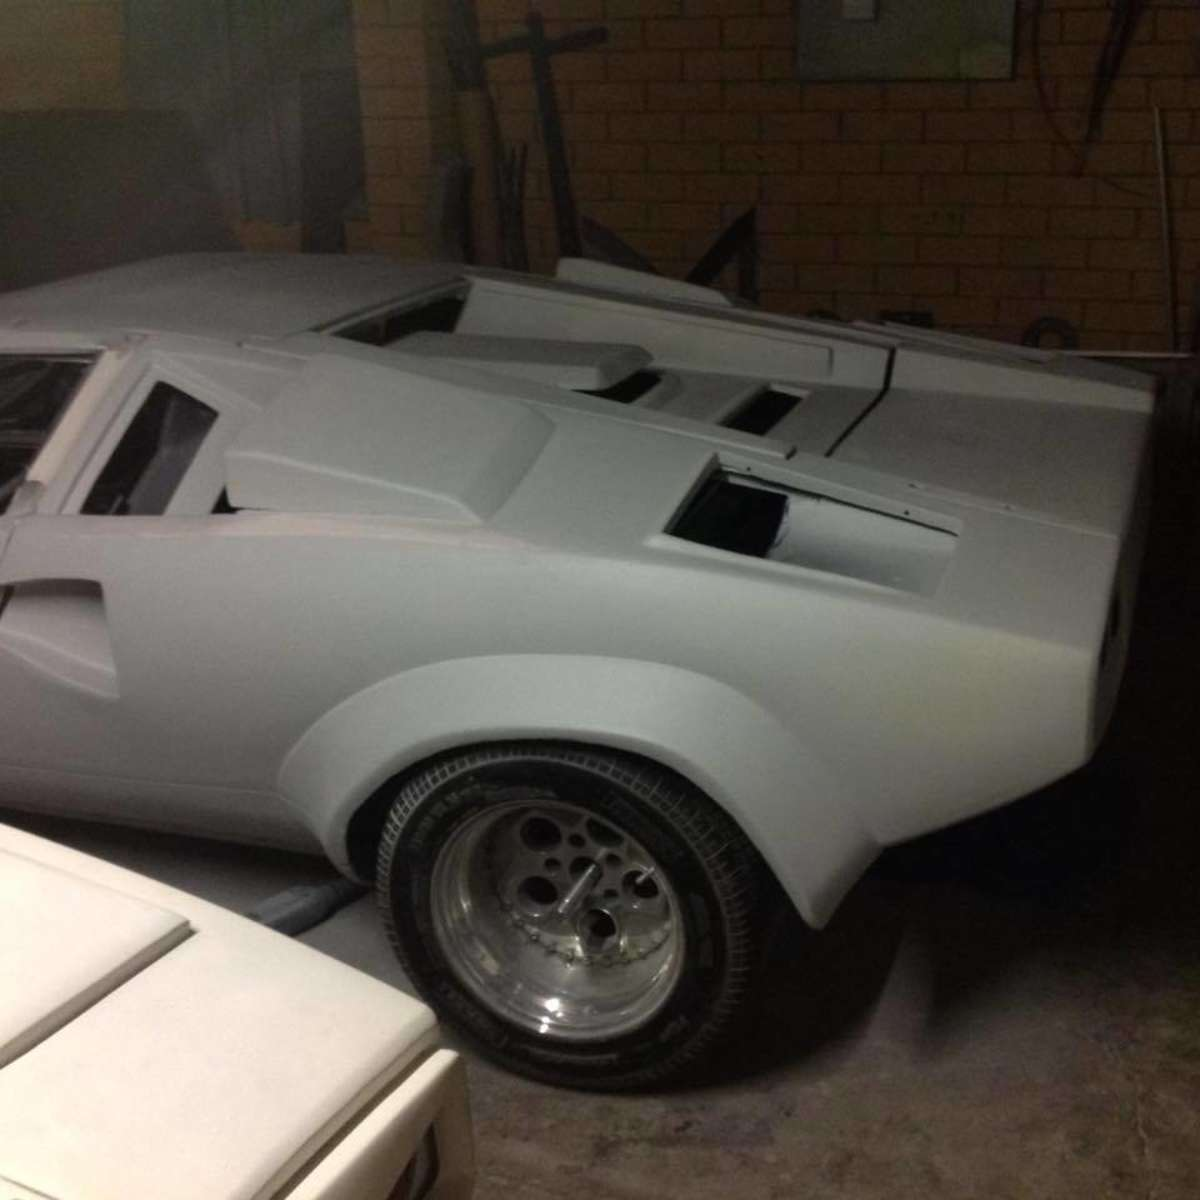 The Build Of A Lamborghini Countach Replica